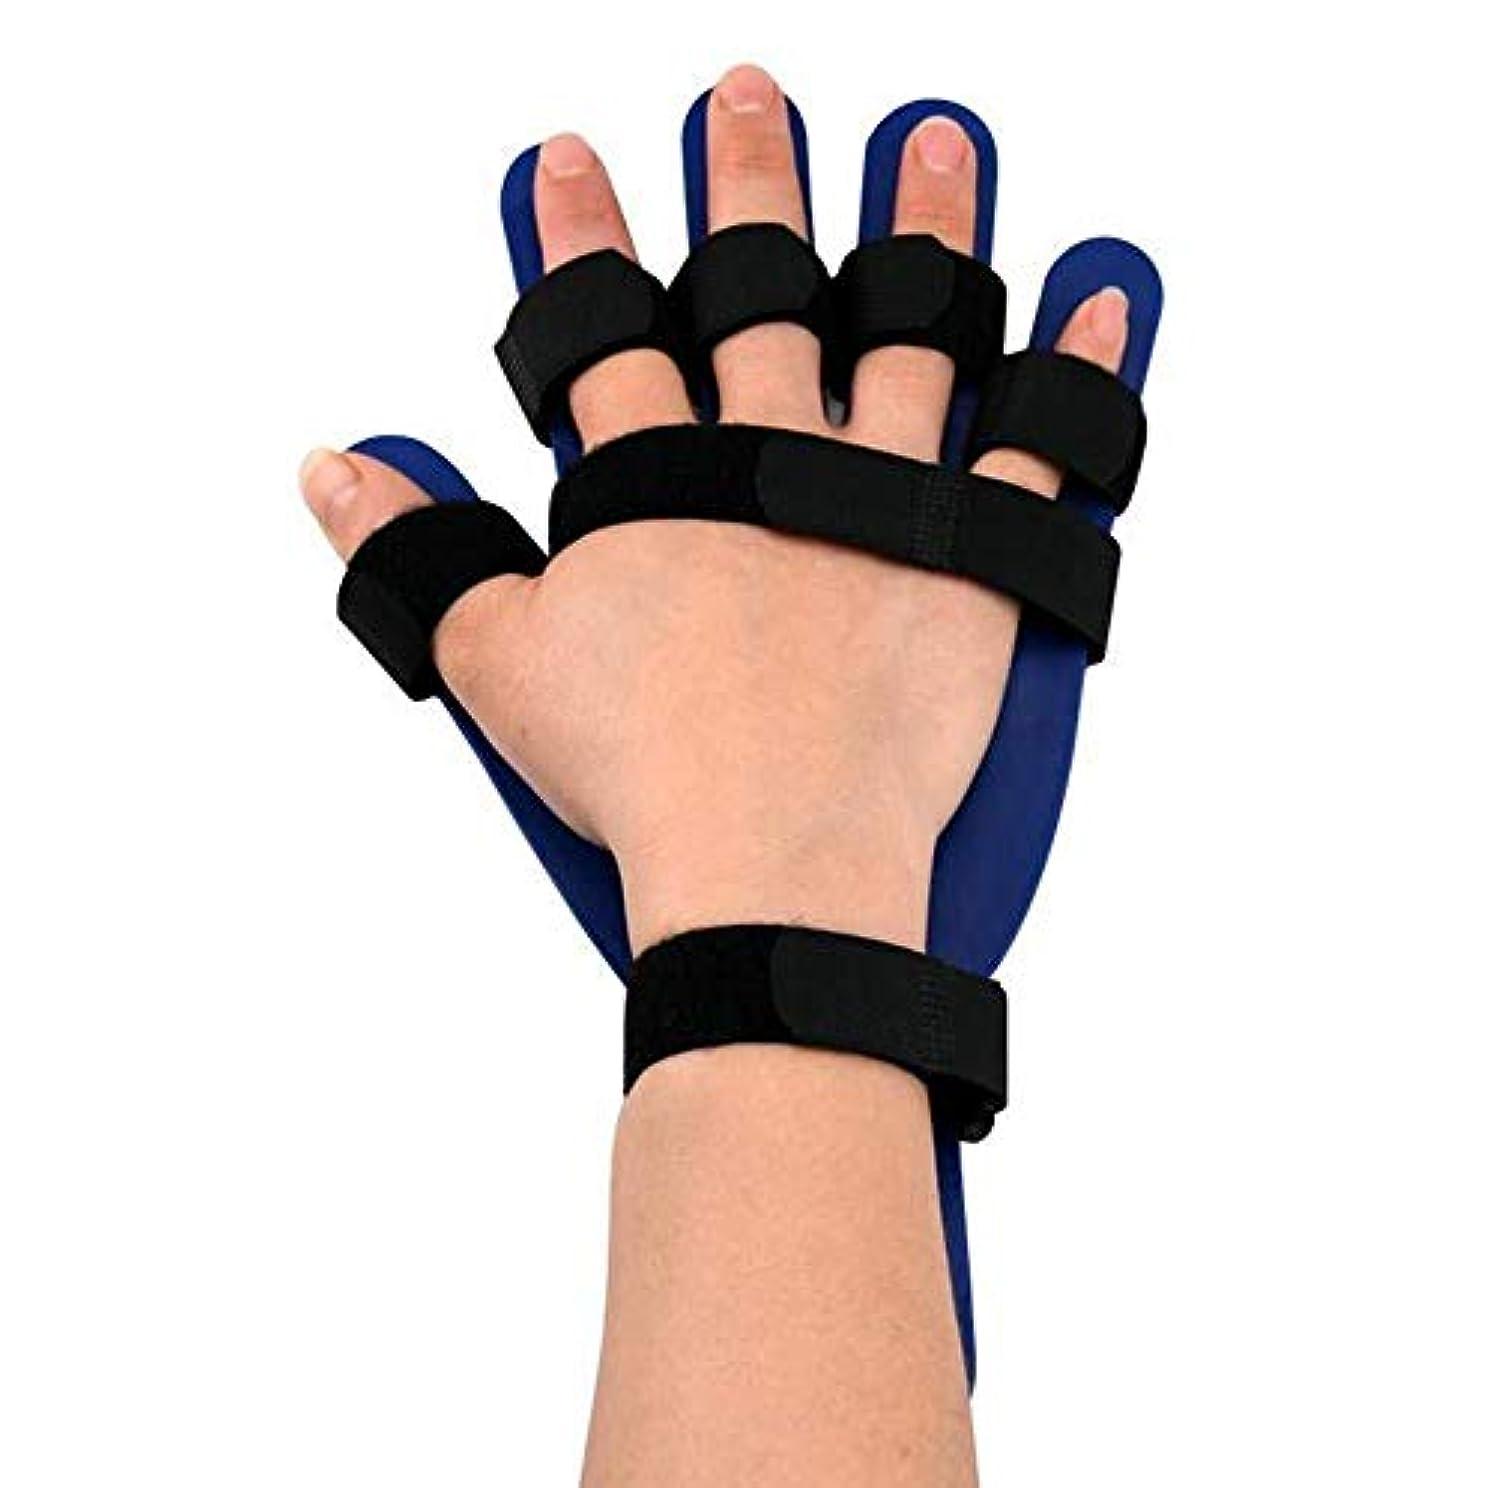 気体の既にキャラクター親指サポートトリガーフィンガースプリント、右手首スプリントユニセックスフィンガープレート,Right Hand